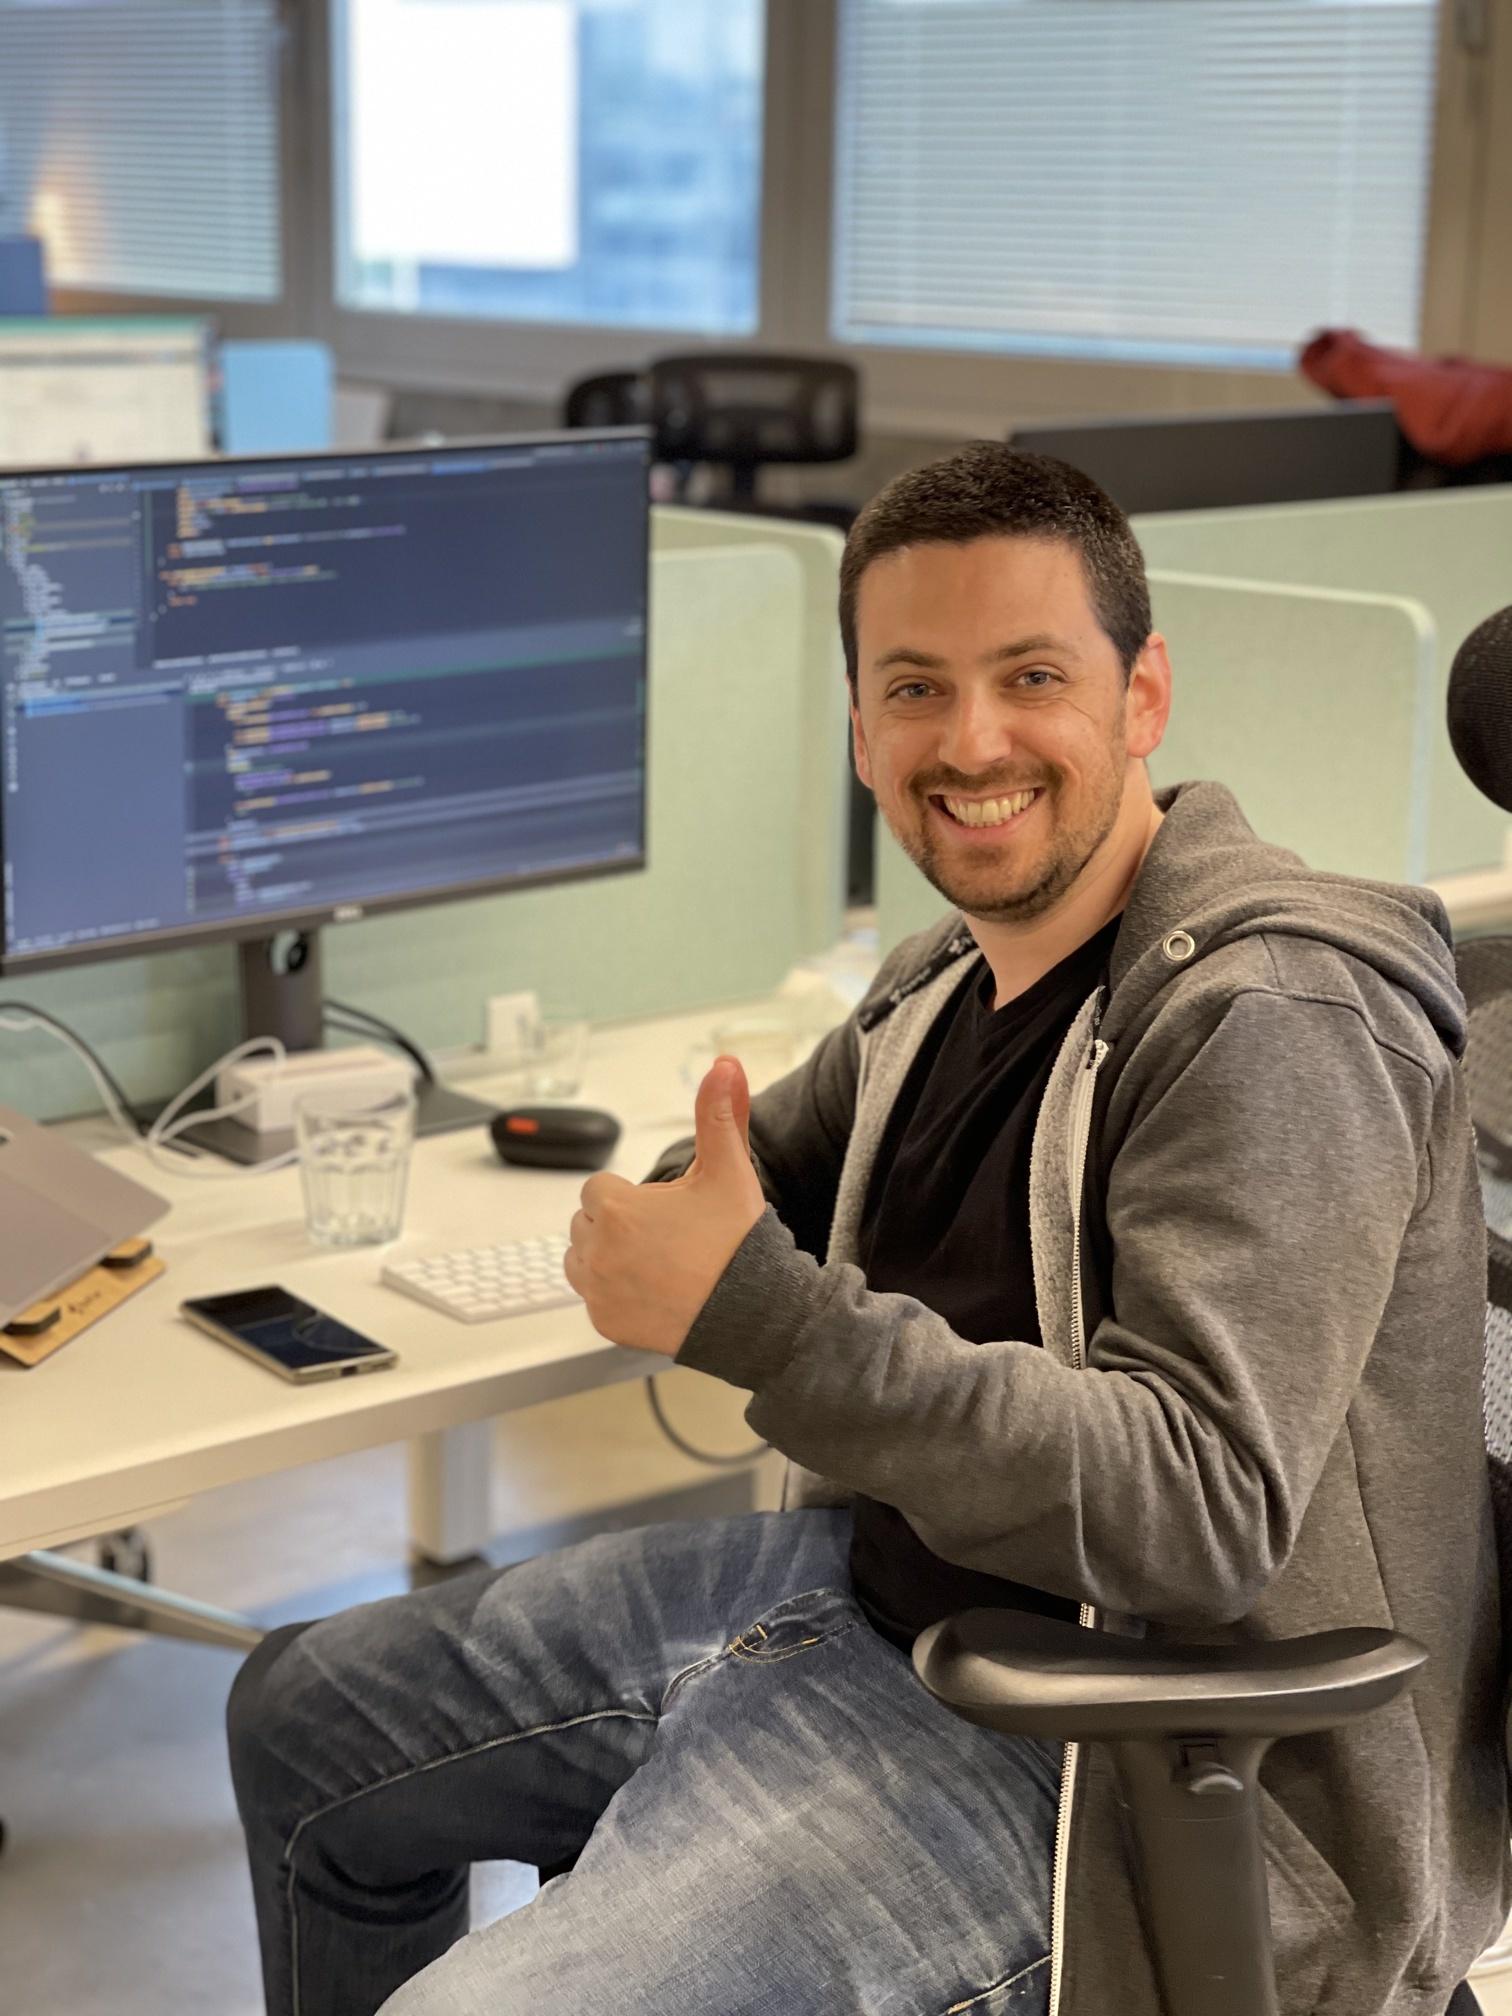 Employee Spotlight: Senior Software Engineer Avner Schwartz